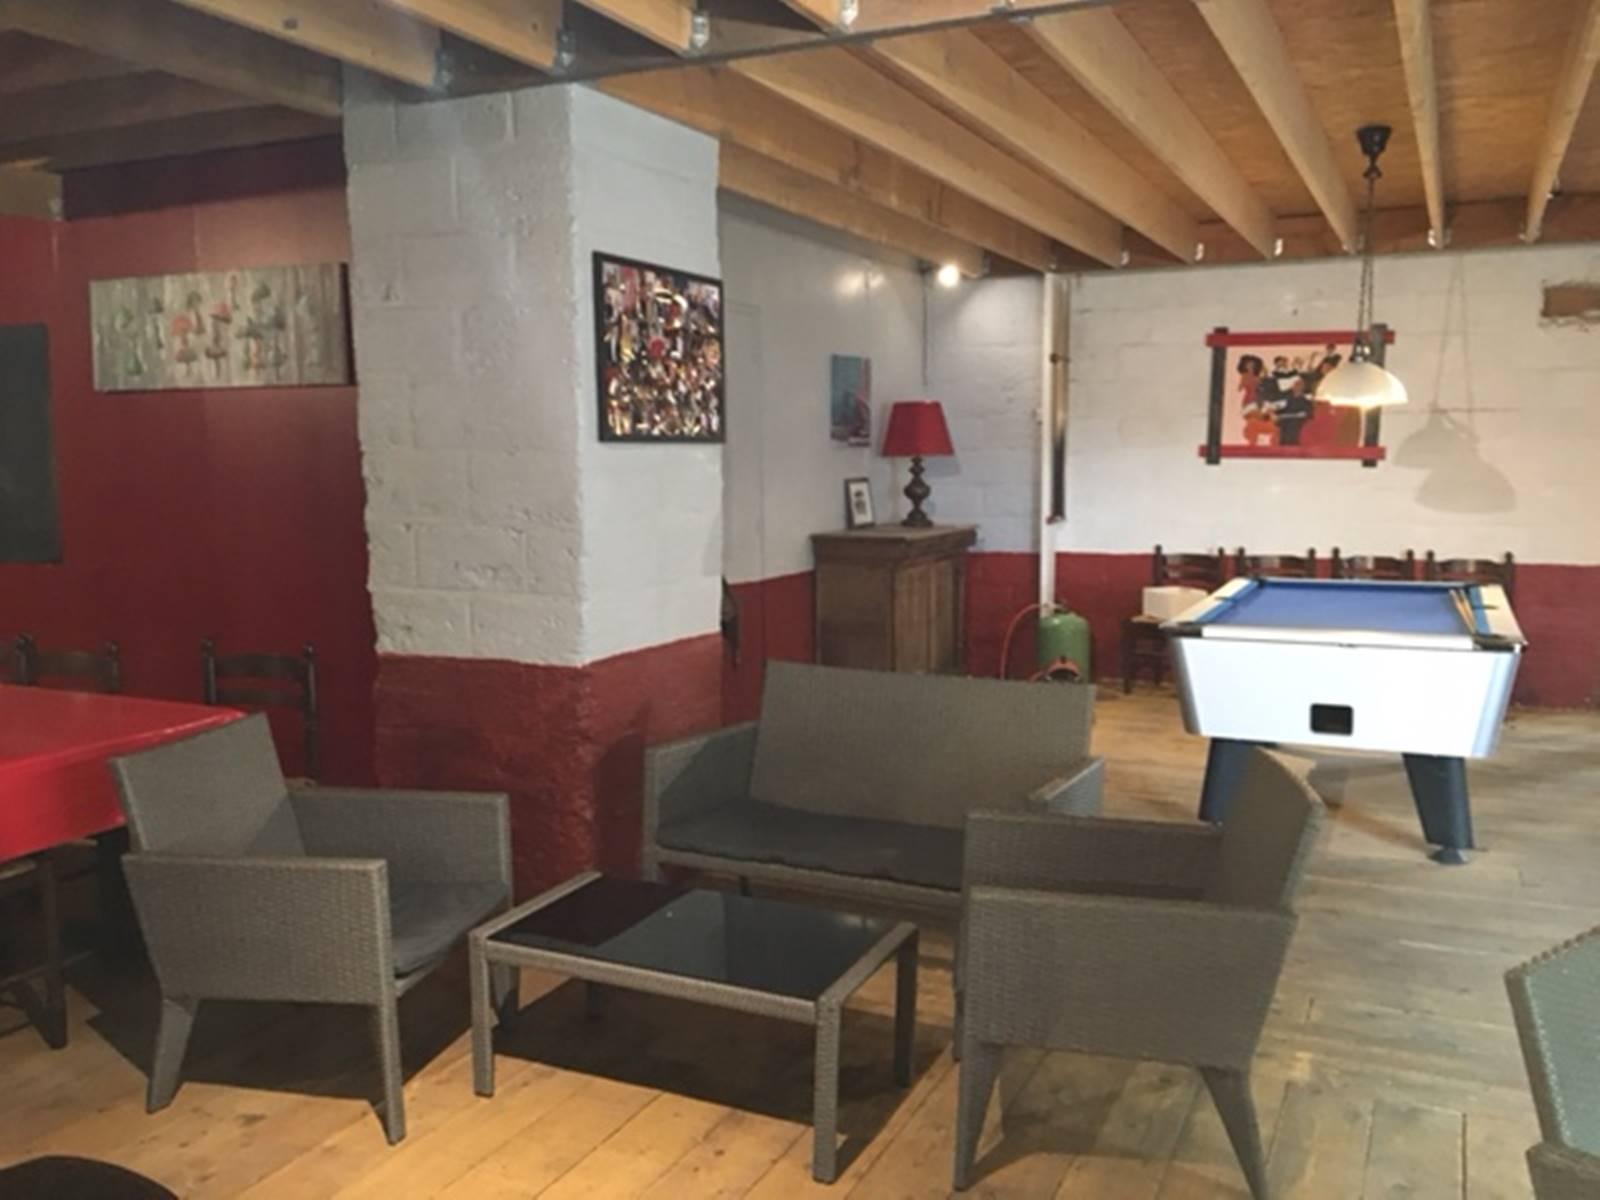 restaurant-beverhouck-hondschoote (4).JPG